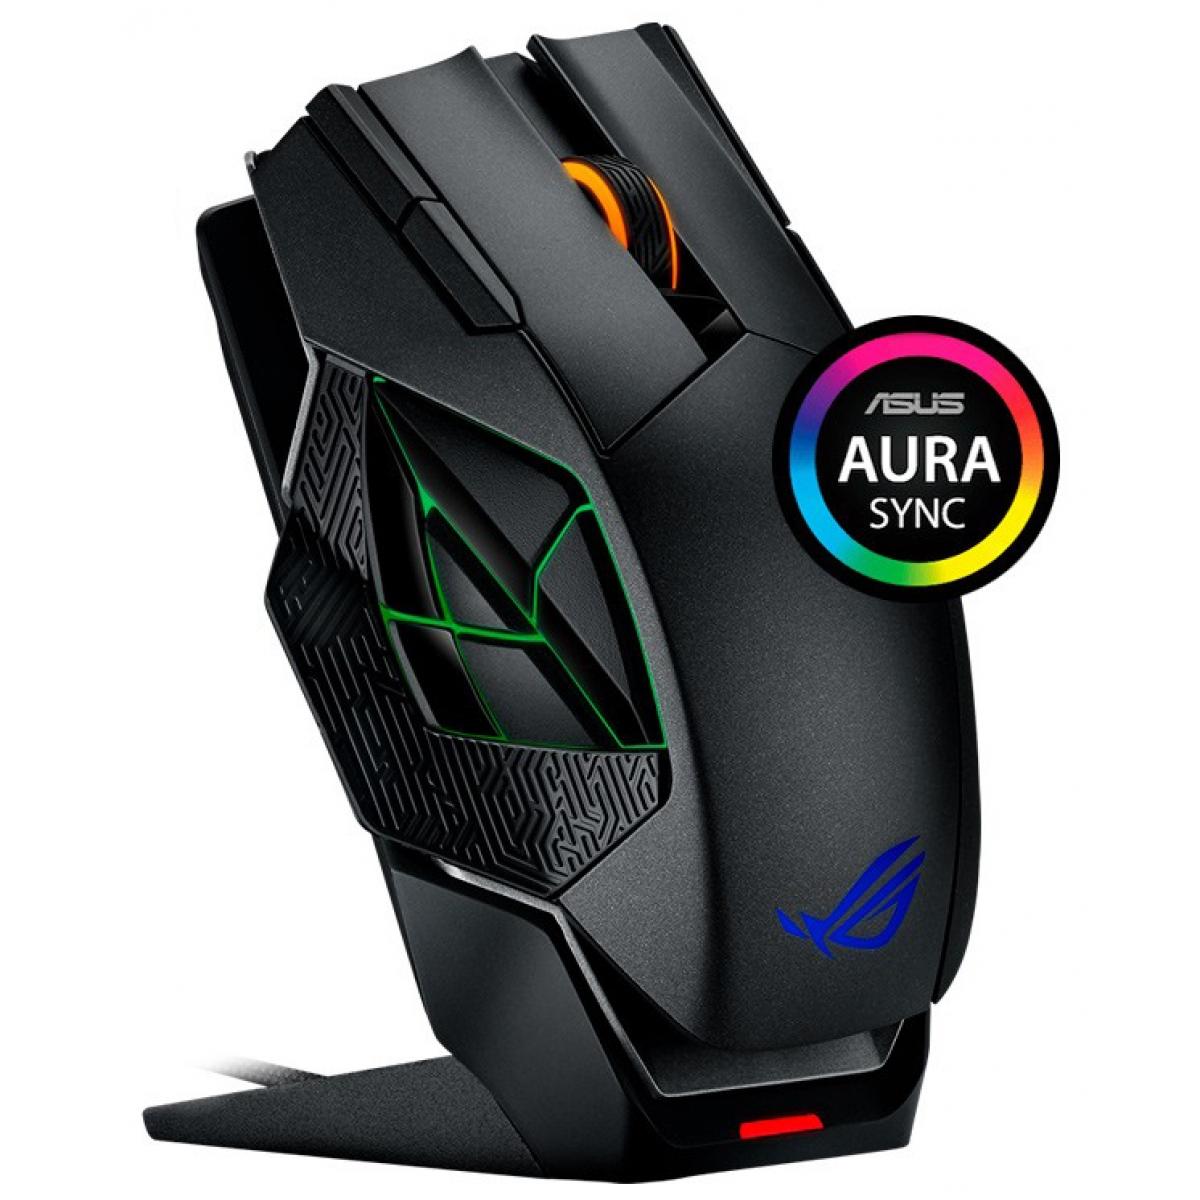 Mouse Gamer Asus Rog Spatha, 8200 DPI, 12 Botões Programáveis, Black, L701-1A